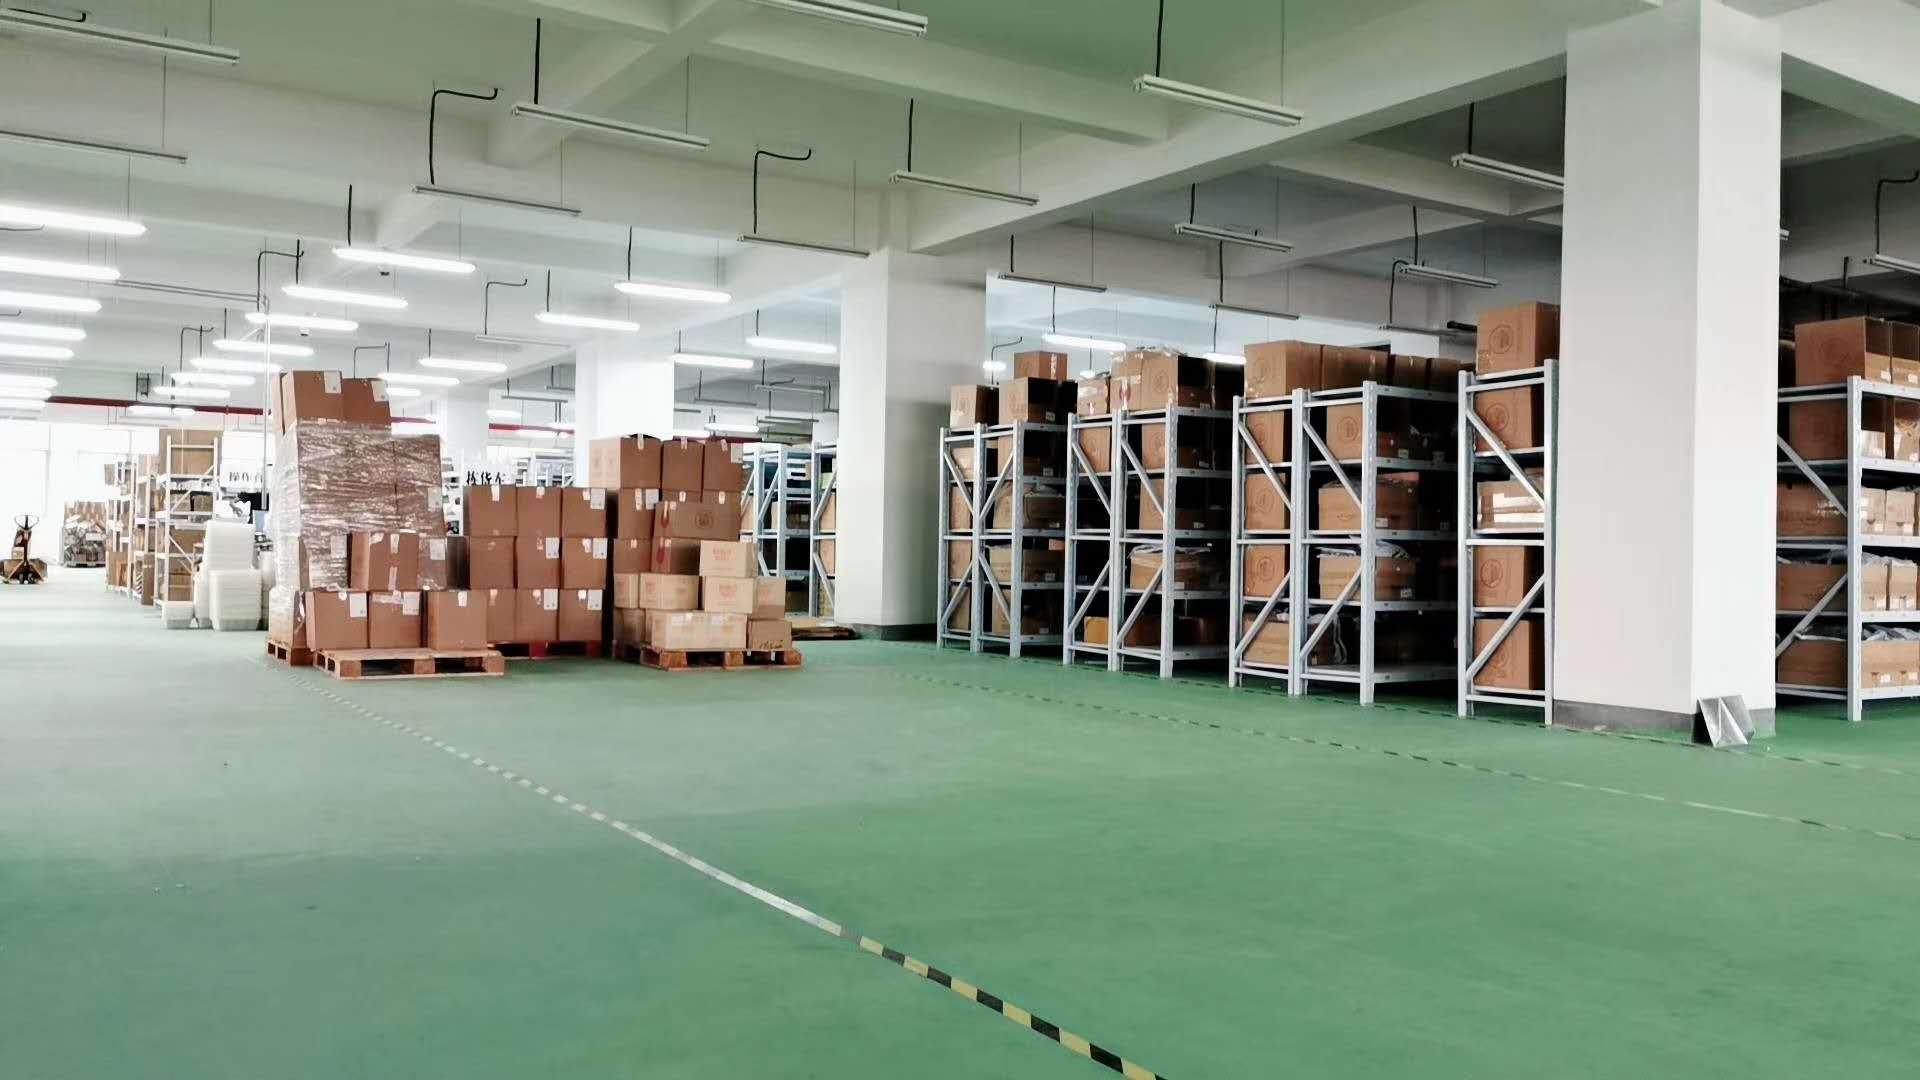 长宁区小型电商仓储物流哪家强 诚信服务「上海东臻仓储服务供应」